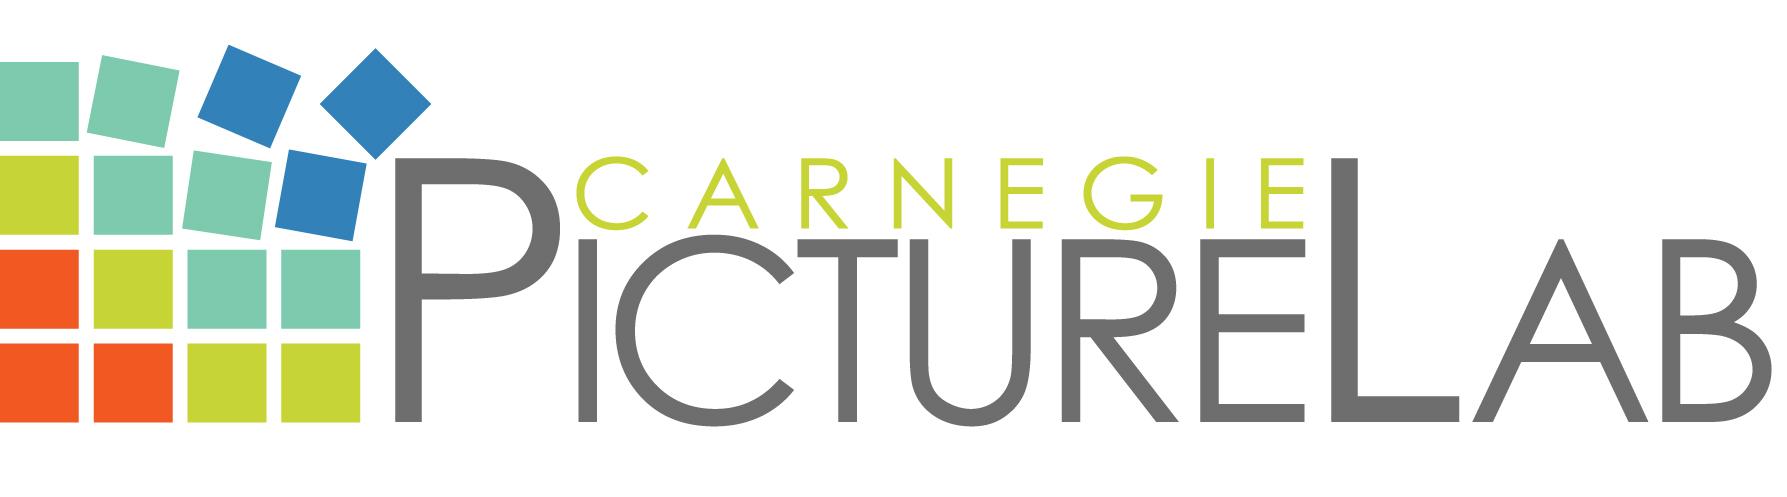 PL official logo.jpg